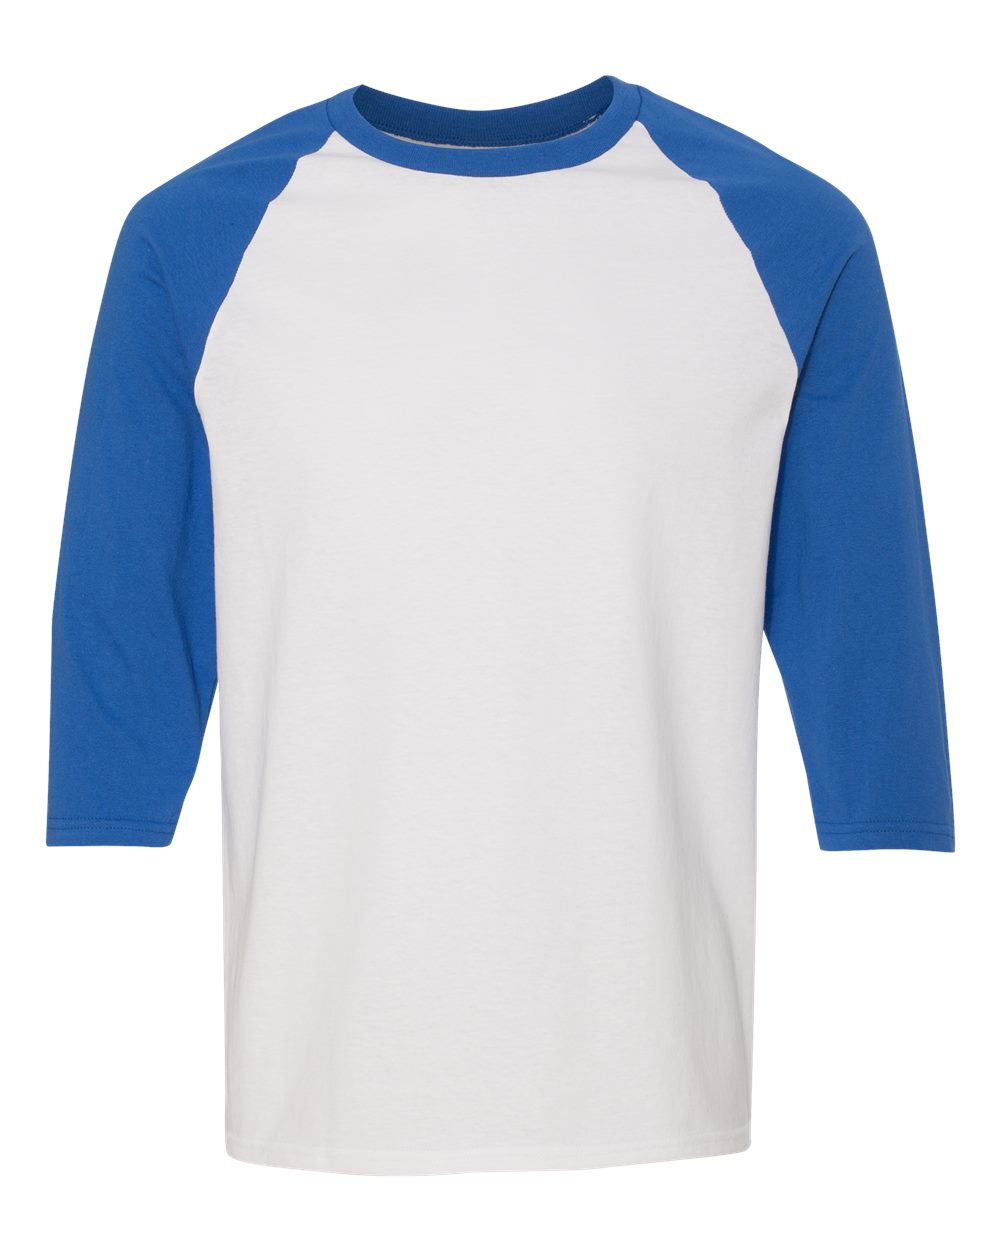 T-Shirt Tee Shirt Gildan Free Sticker S M L XL 2XL 3XL Cotton Got 311